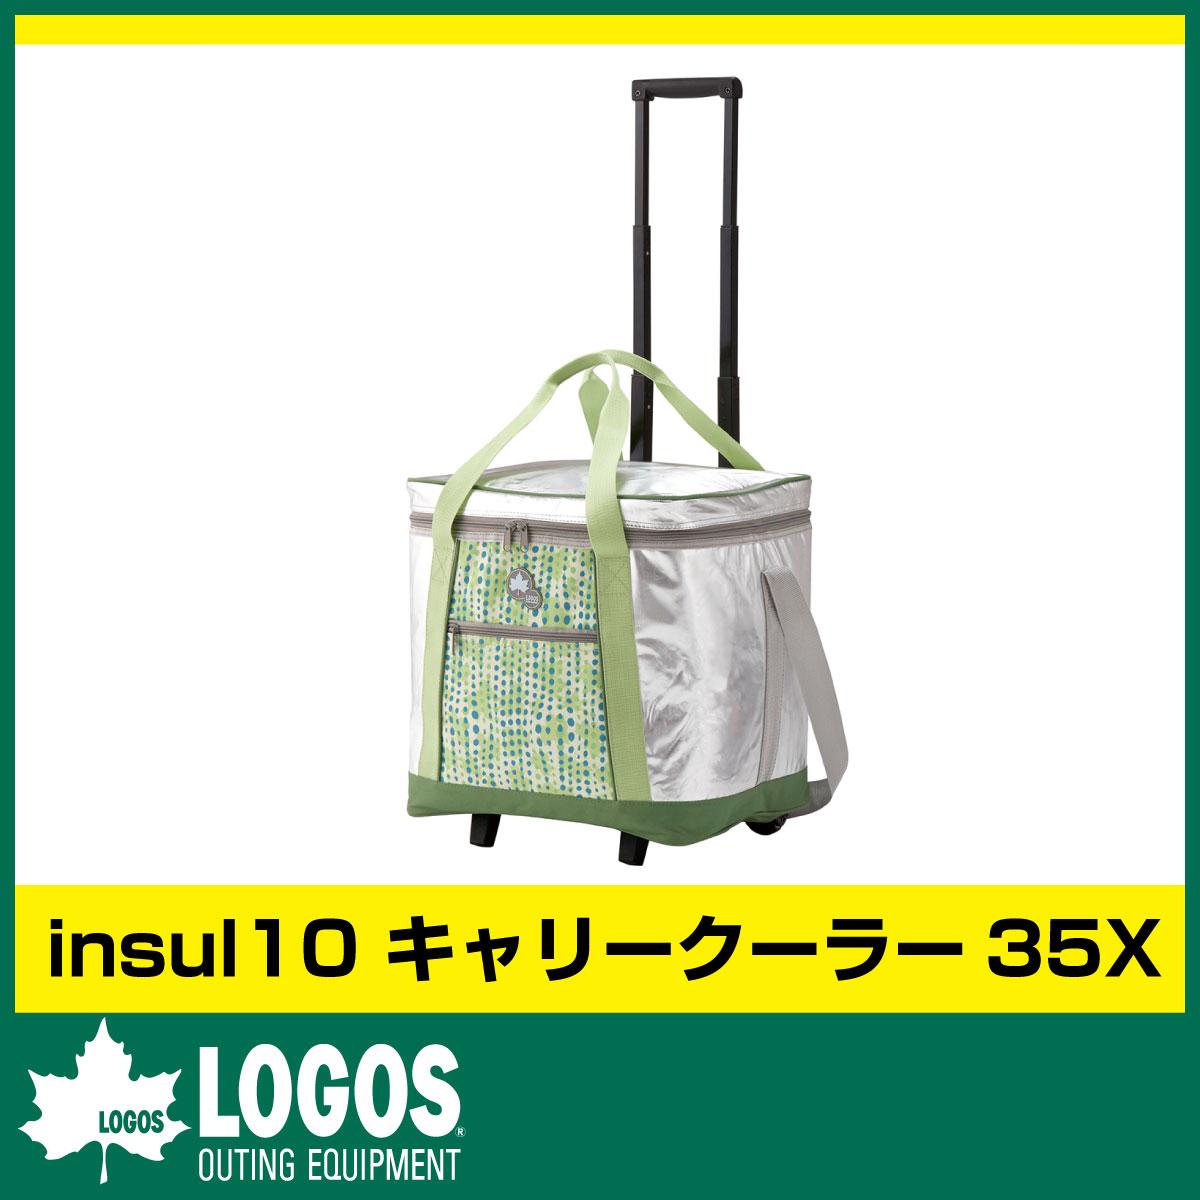 insul10 キャリークーラー35X